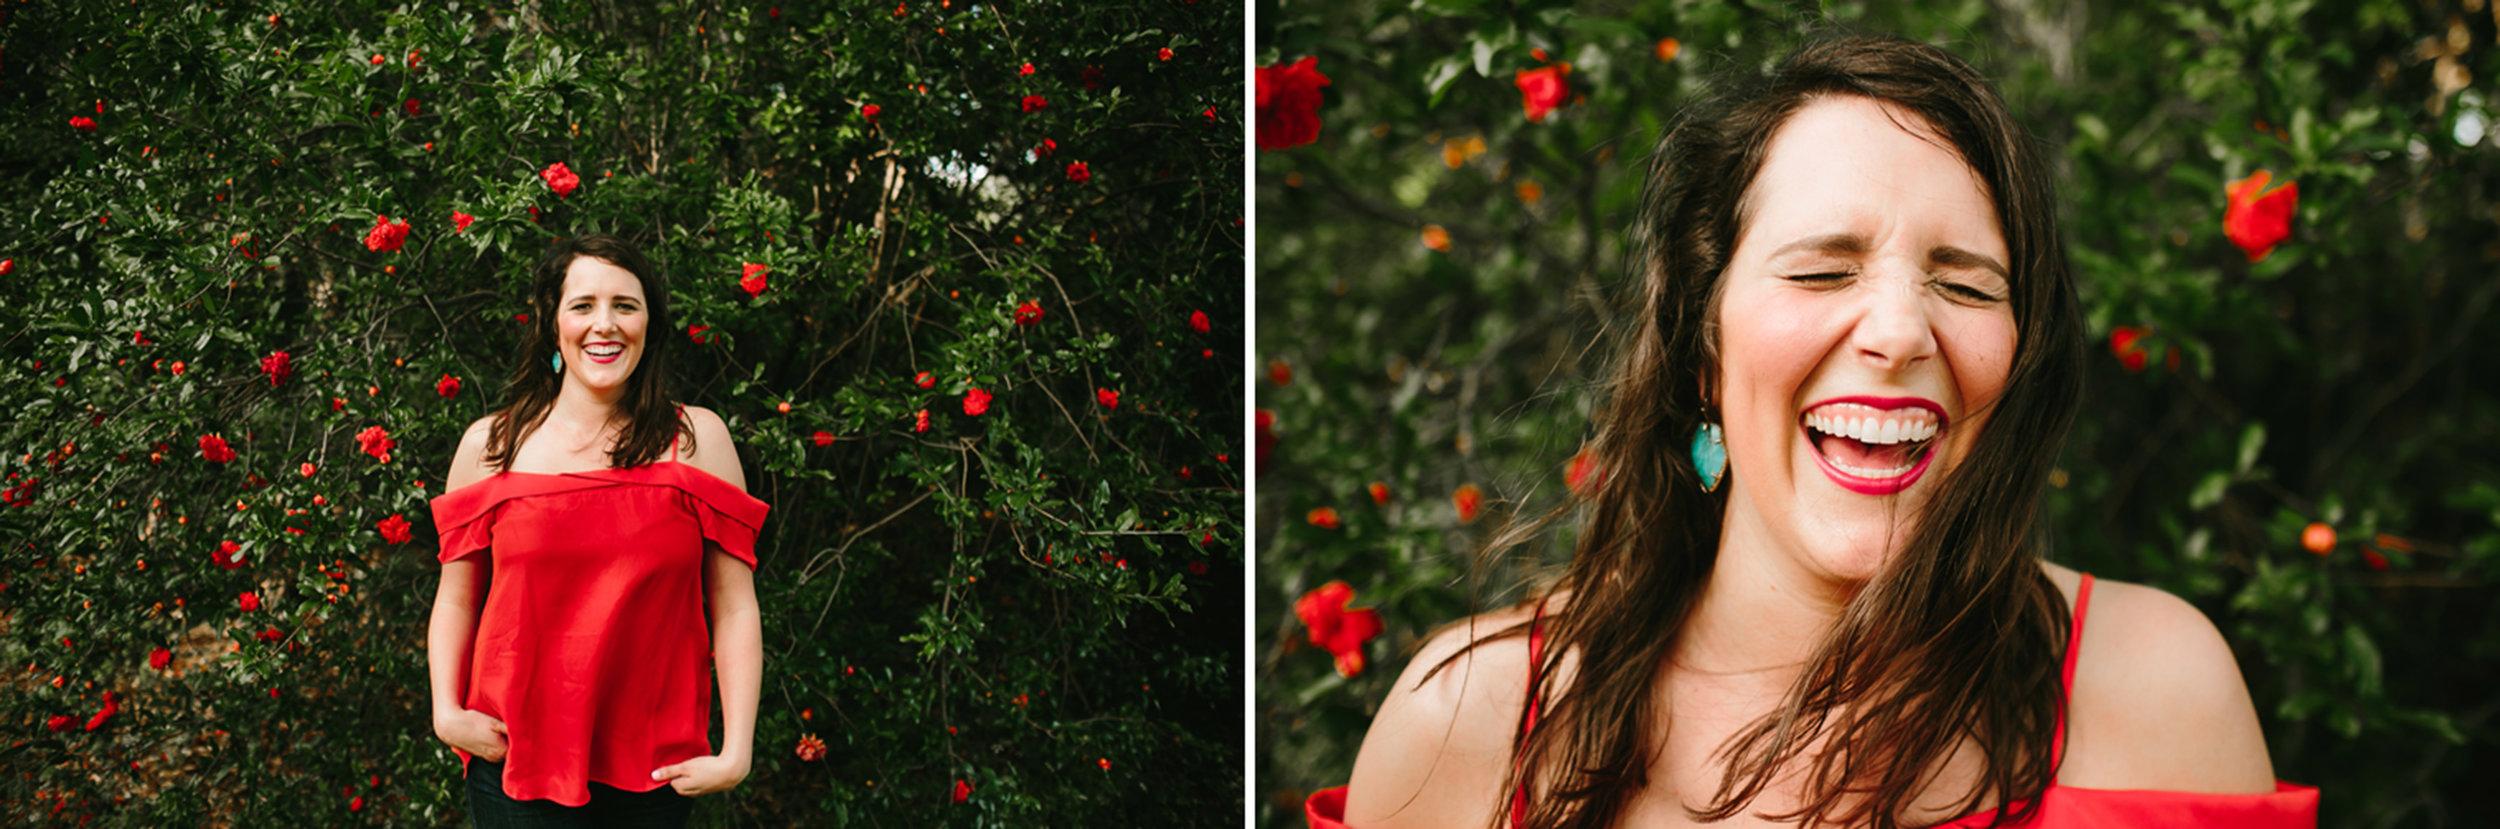 austin_WeddingPhotographer_004.jpg